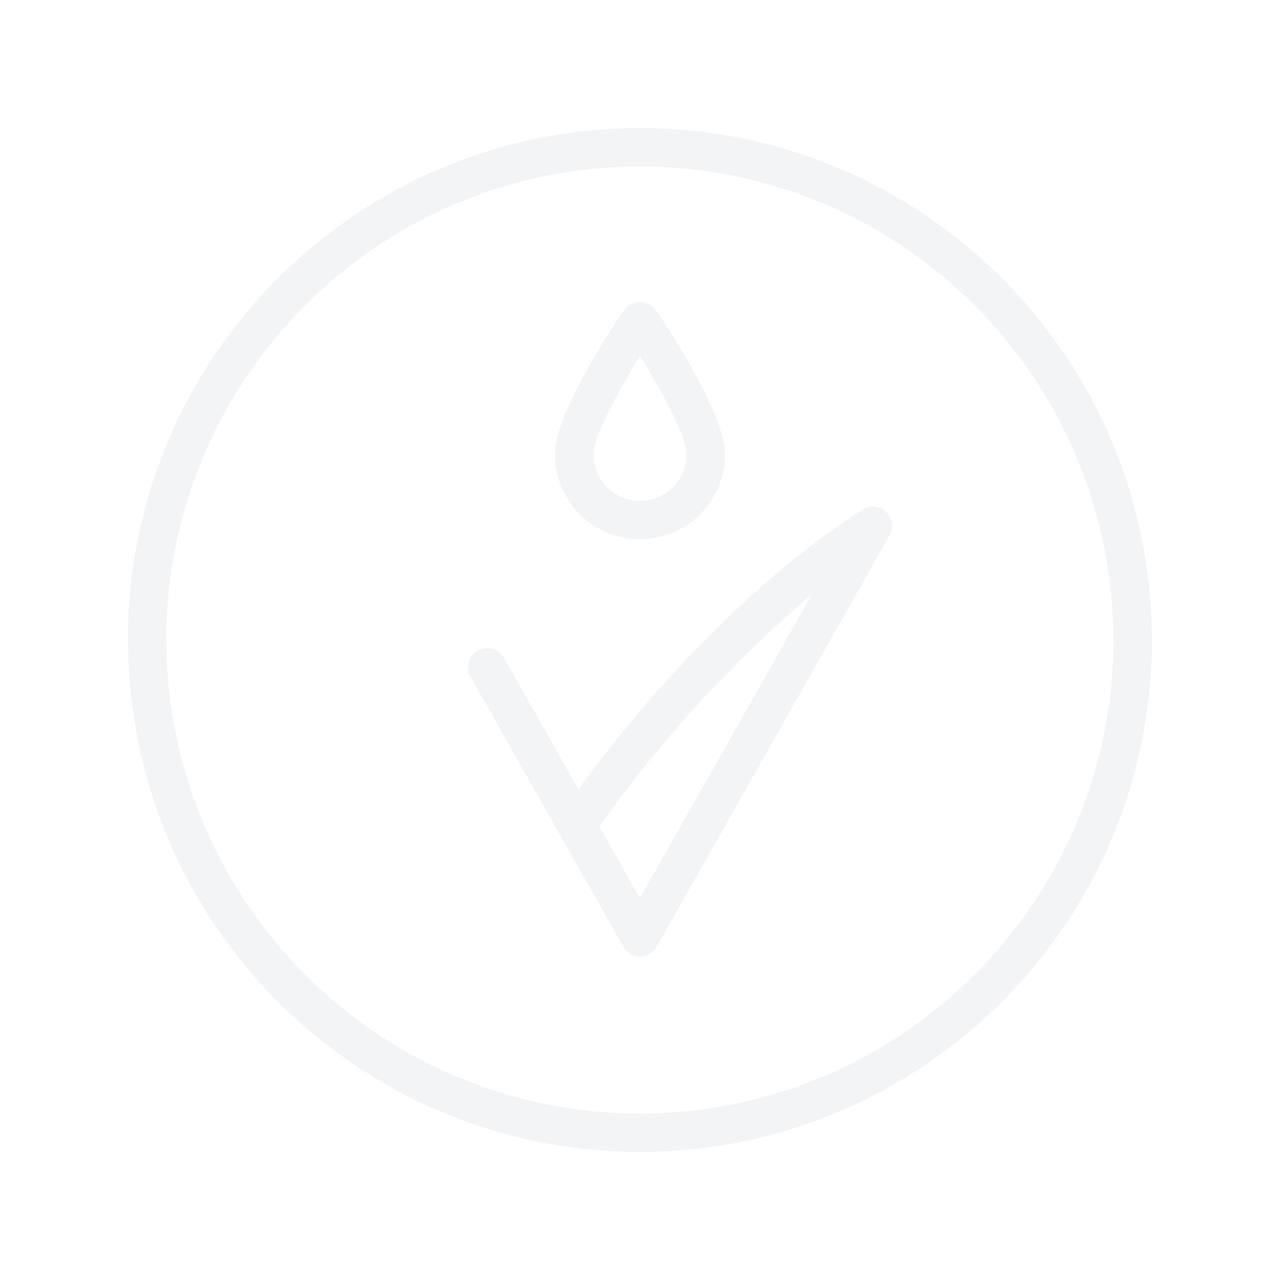 JUVENA Juvelia Nutri-Restore Cream 50ml